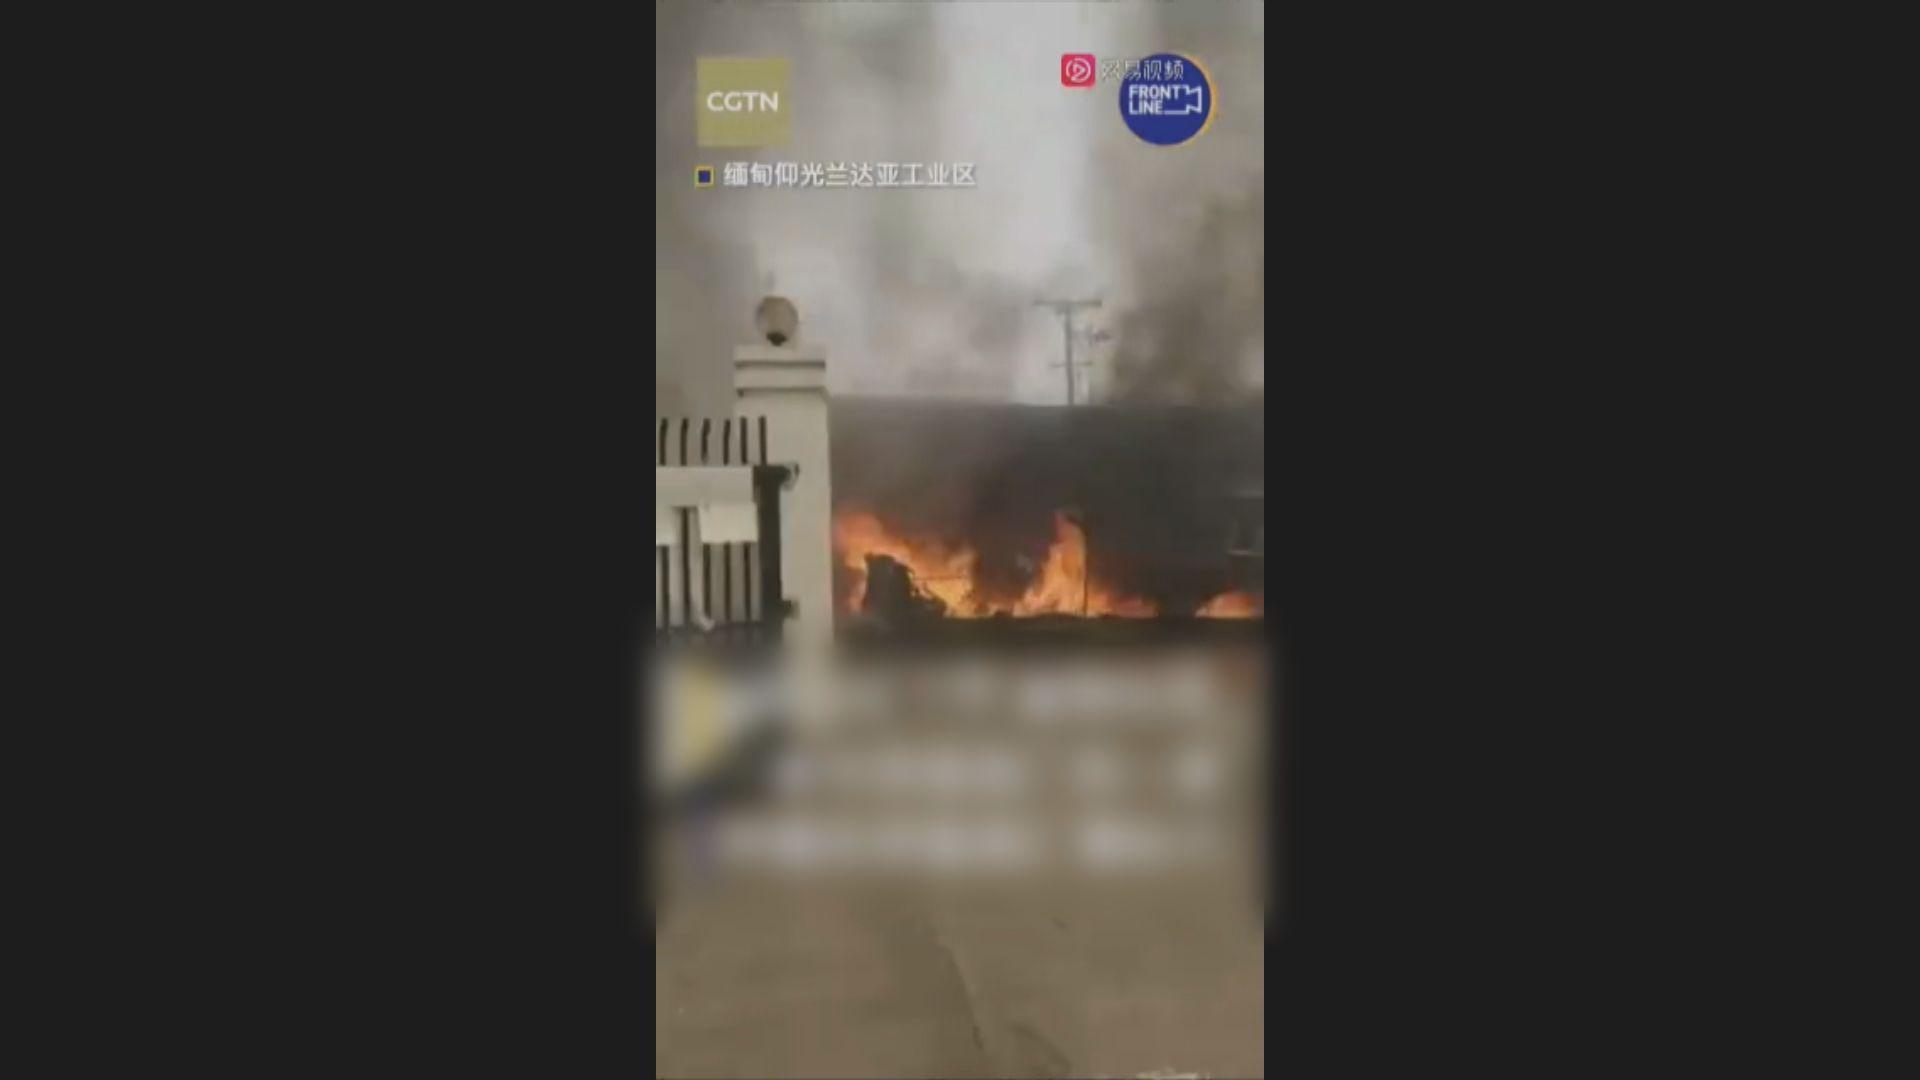 工業園遭破壞及縱火 緬甸軍方宣布仰光萊達雅區戒嚴